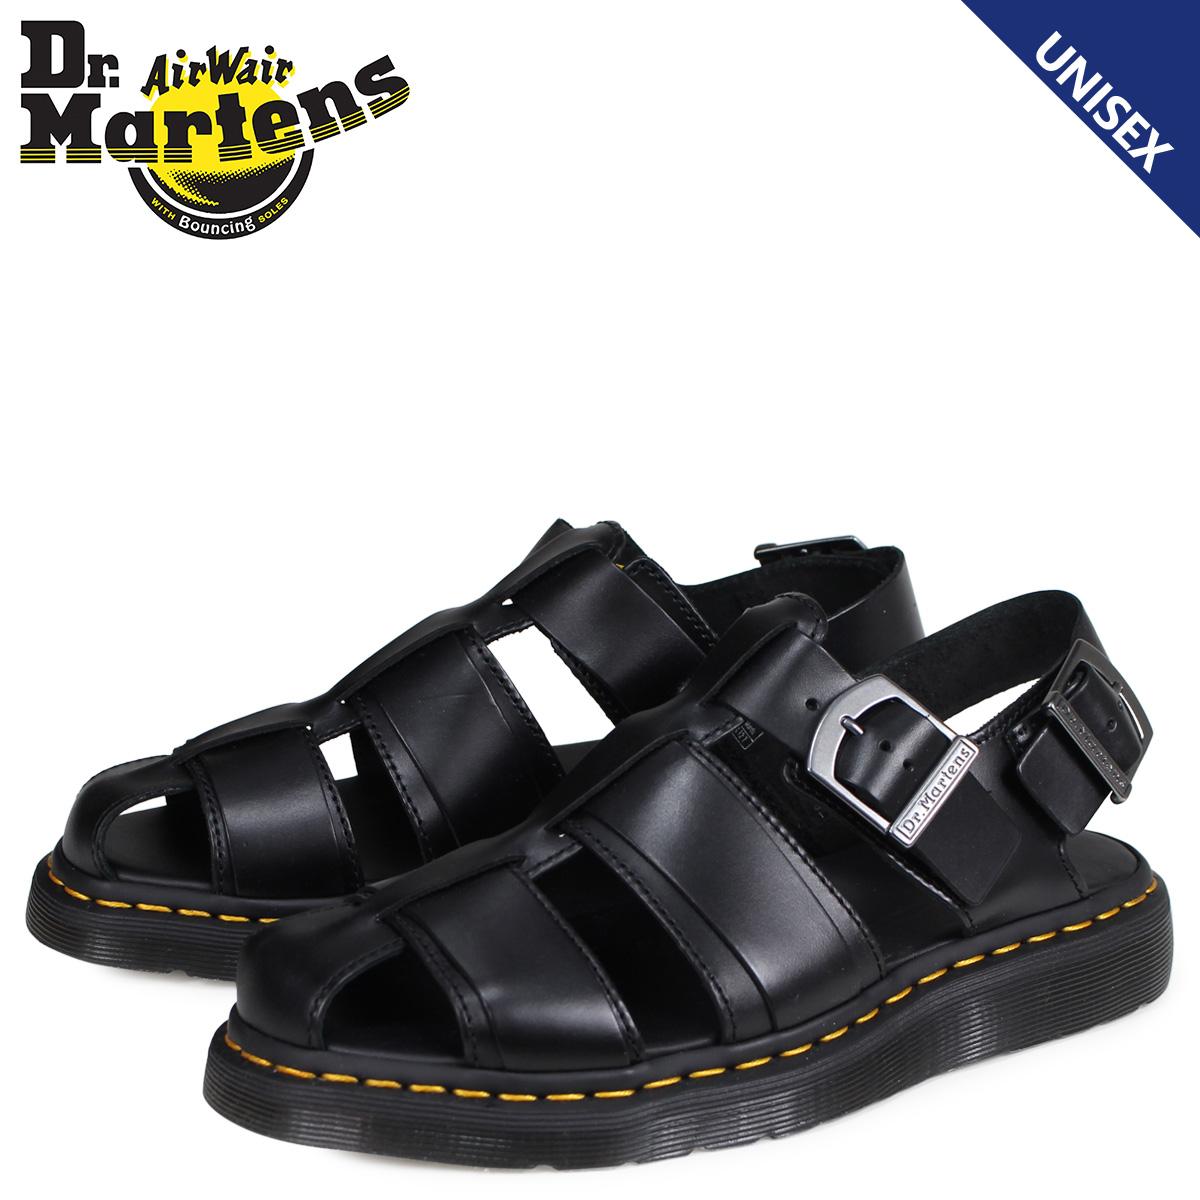 ドクターマーチン Dr.Martens サンダル カシオン フィッシャーマン メンズ レディース SHORE KASSION SANDAL ブラック 黒 R24629001